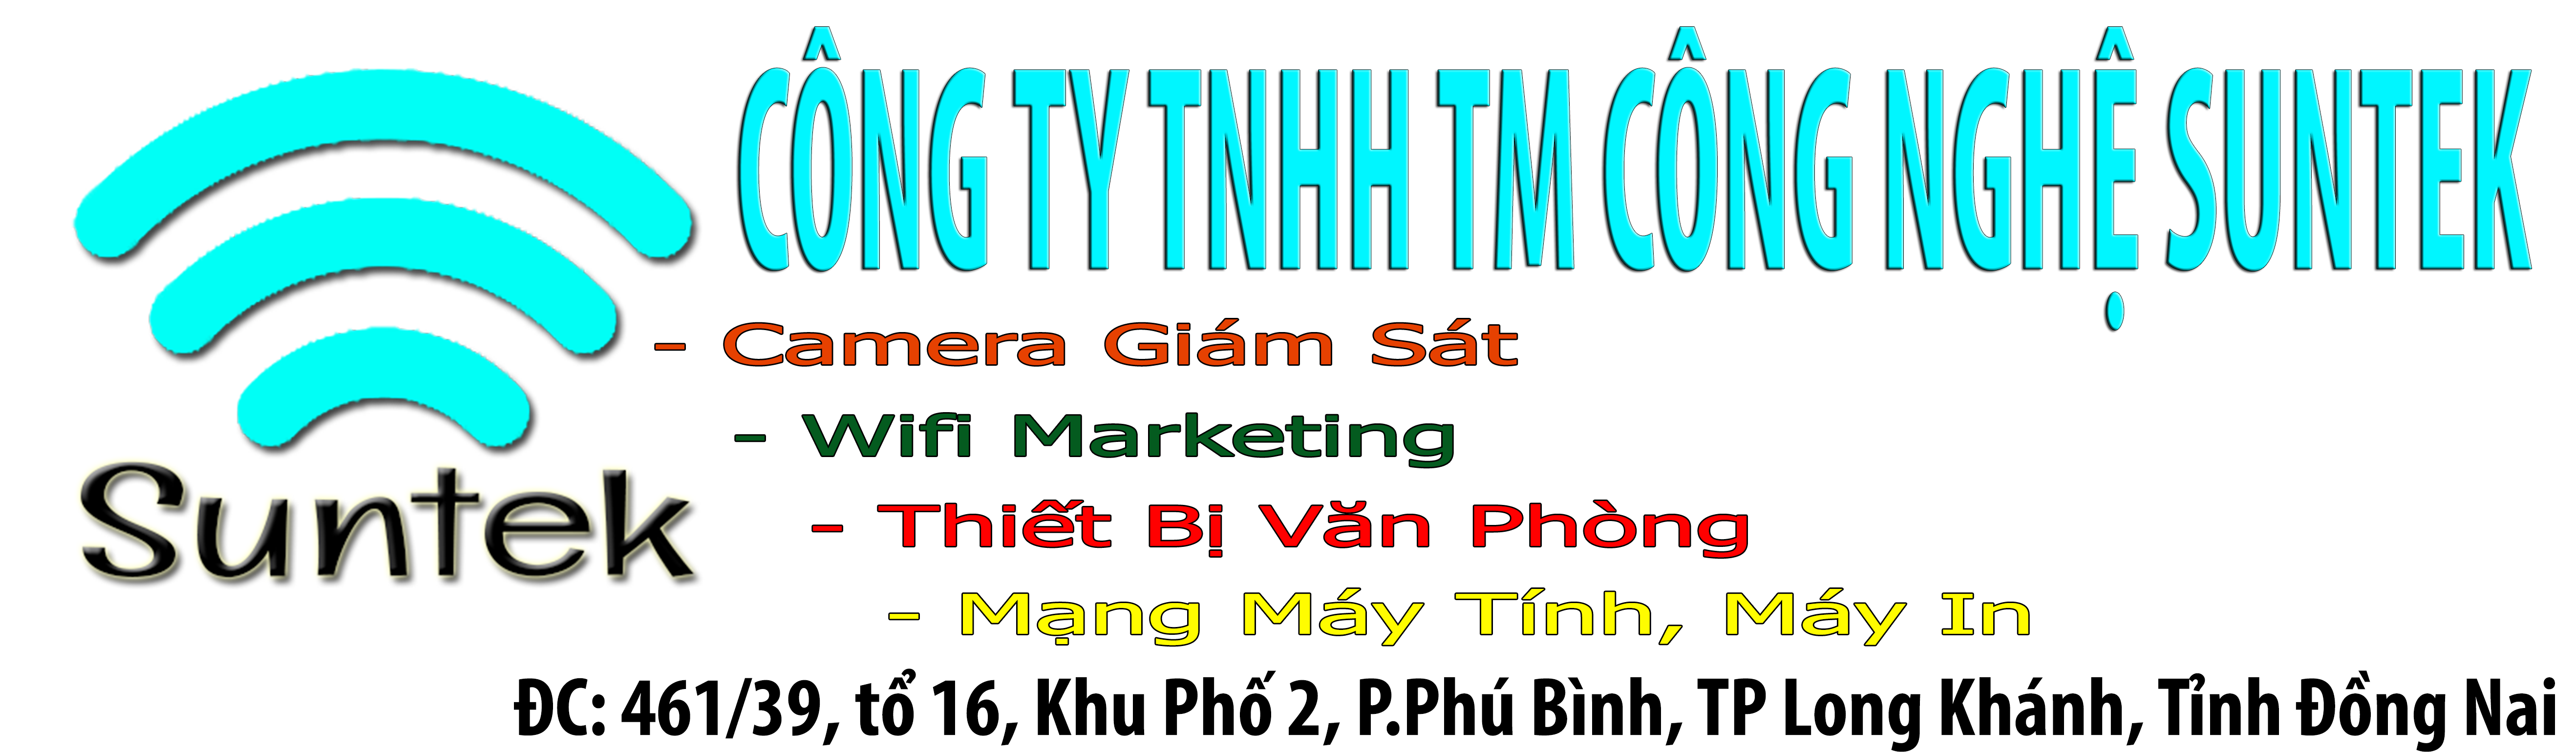 Công Ty TNHH TM Công Nghệ Suntek